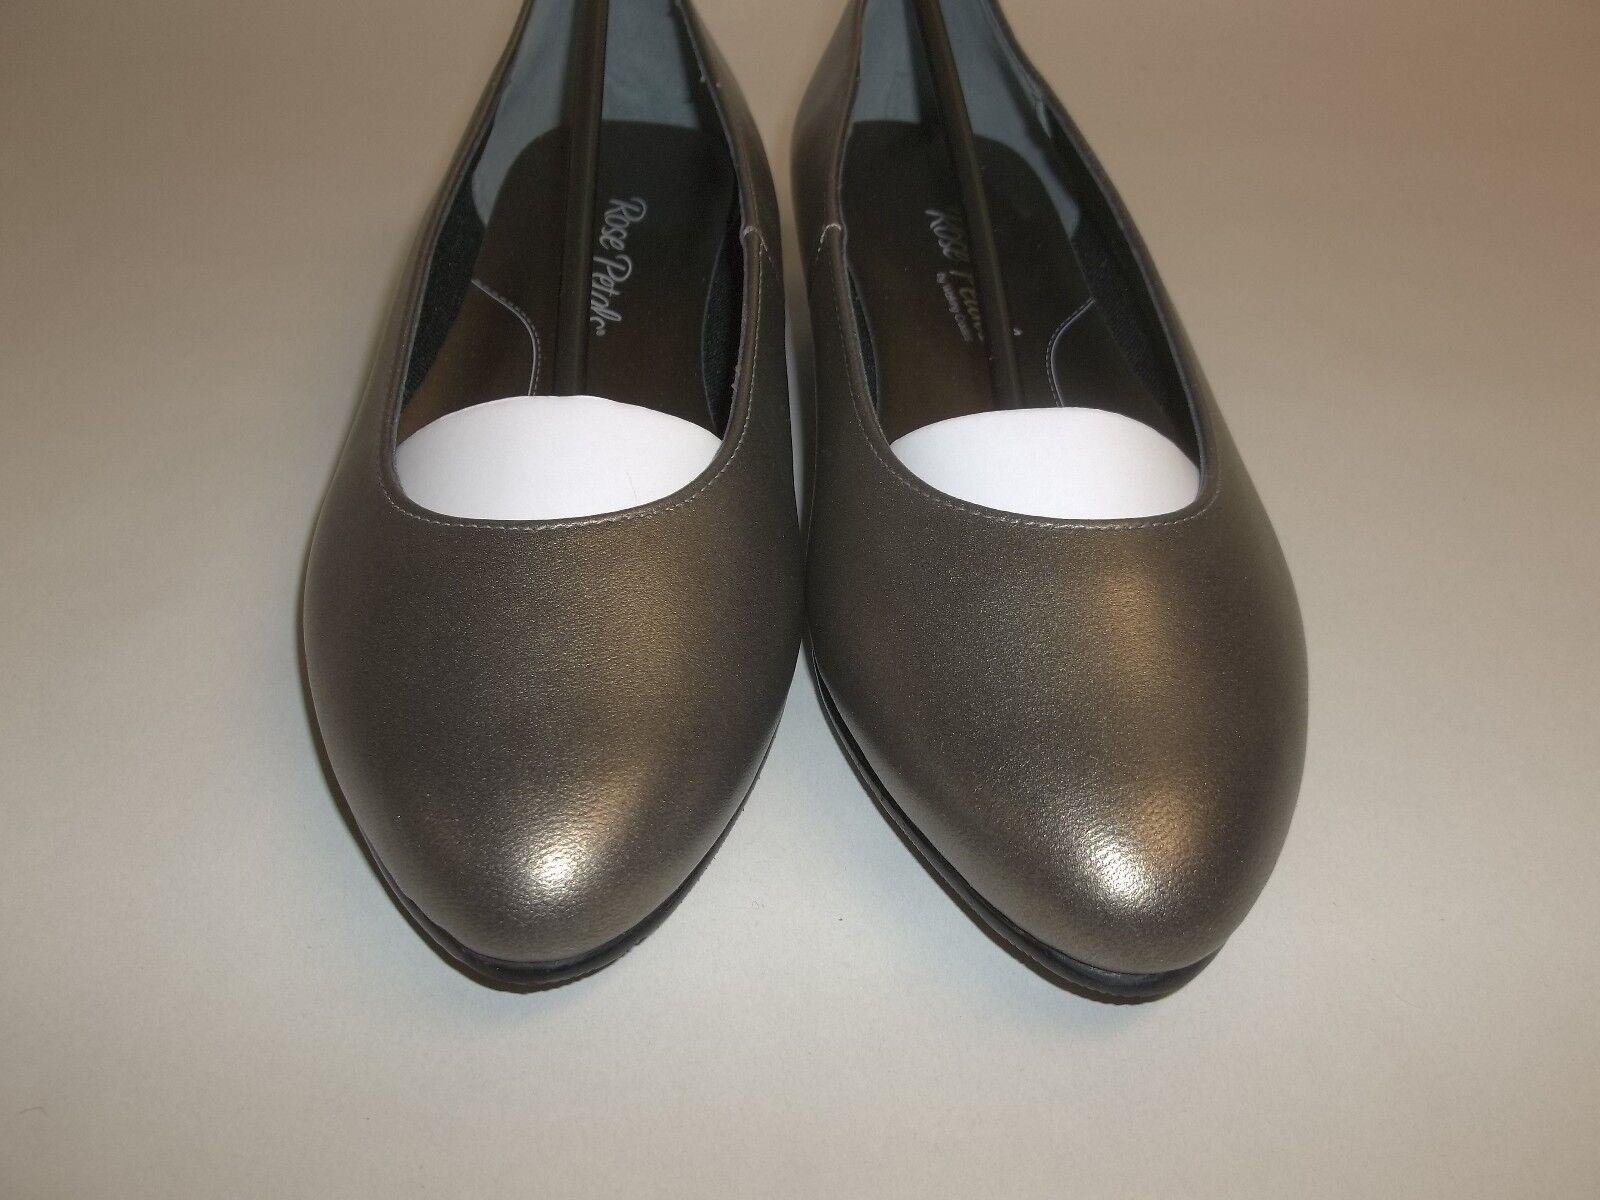 Rose Petals Sze 6.5 Wide BUTTER Bronze Leder Dress Pump Flats NEU Damenschuhe Schuhes